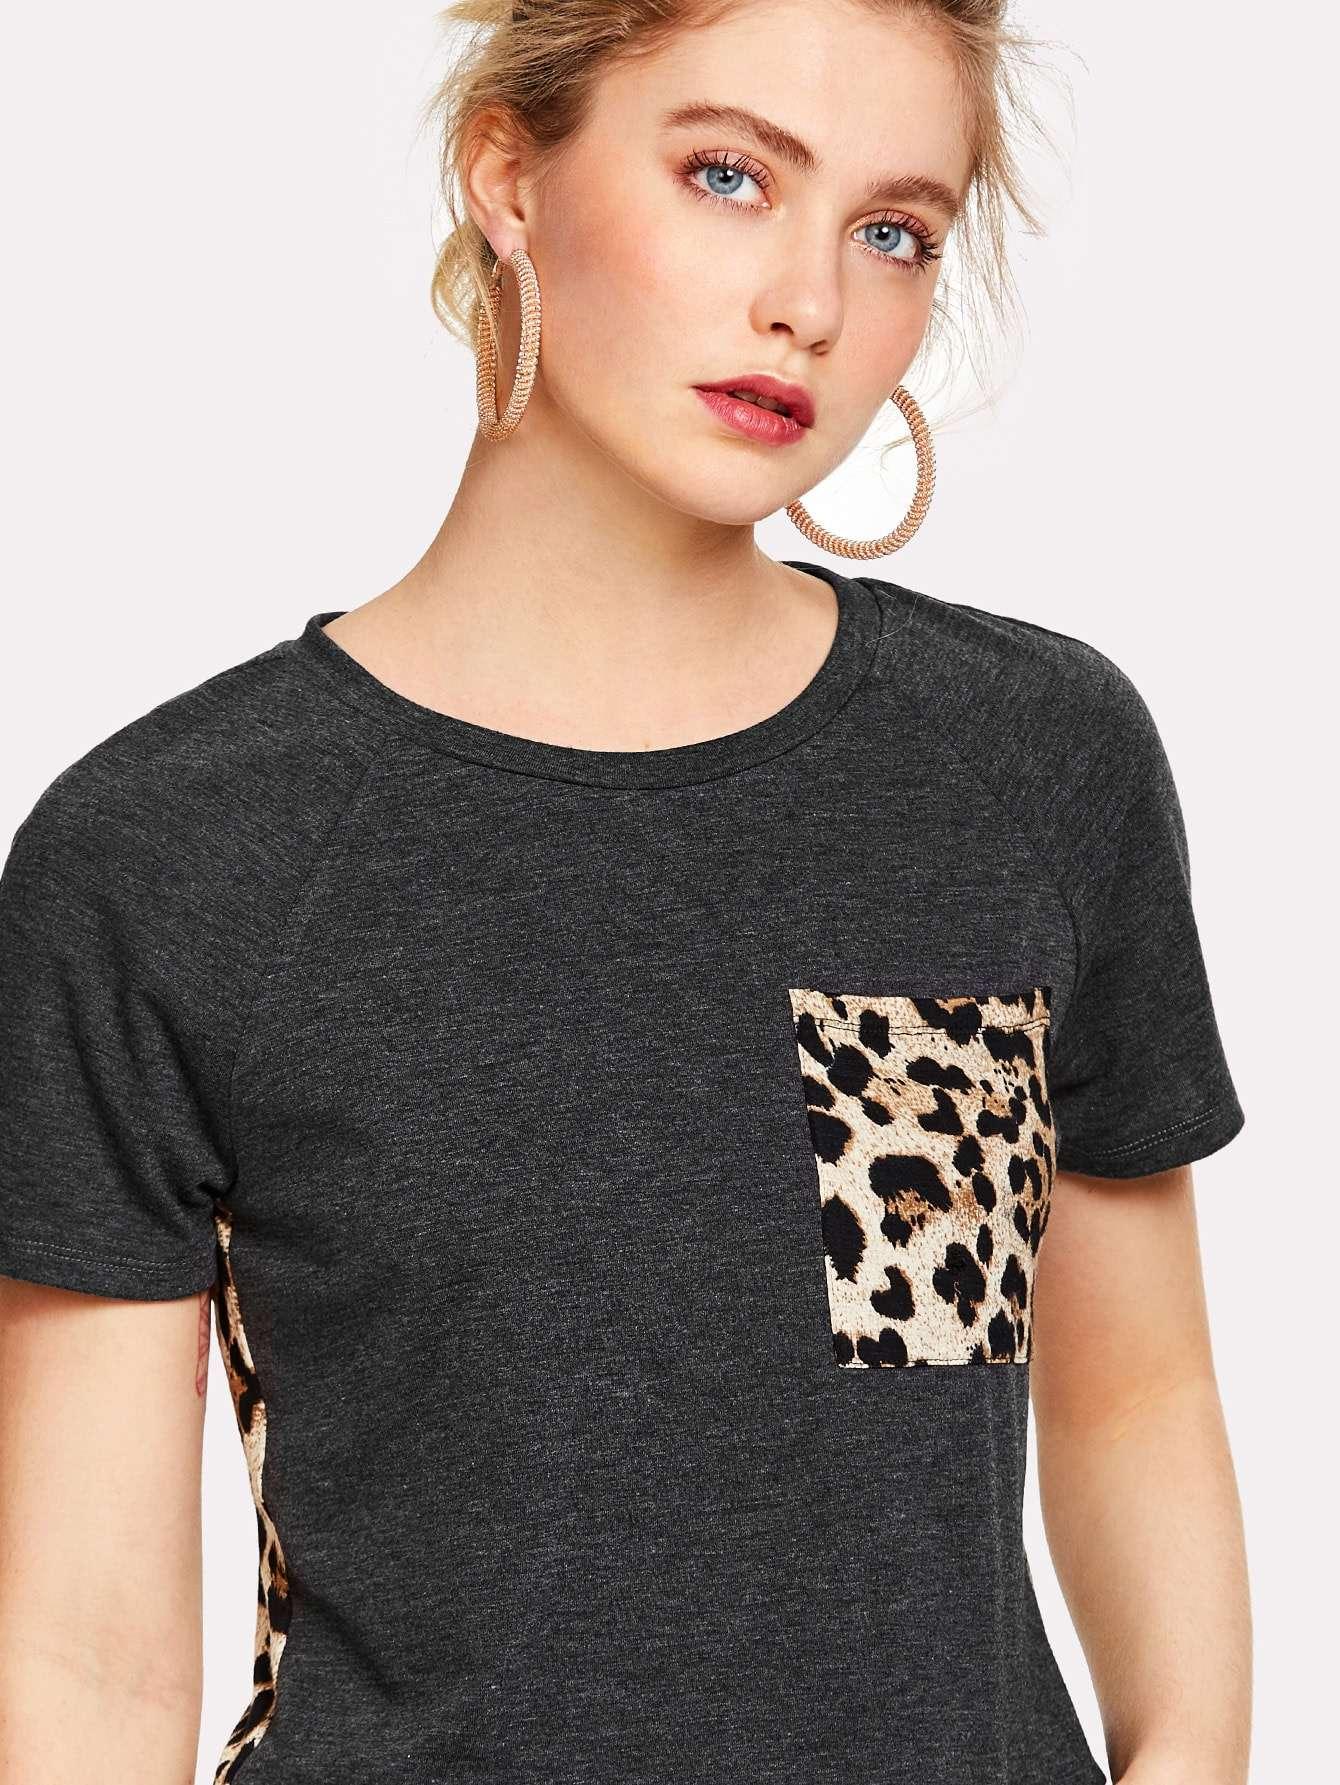 camiseta asimétrica de leopardo - shein espa09a